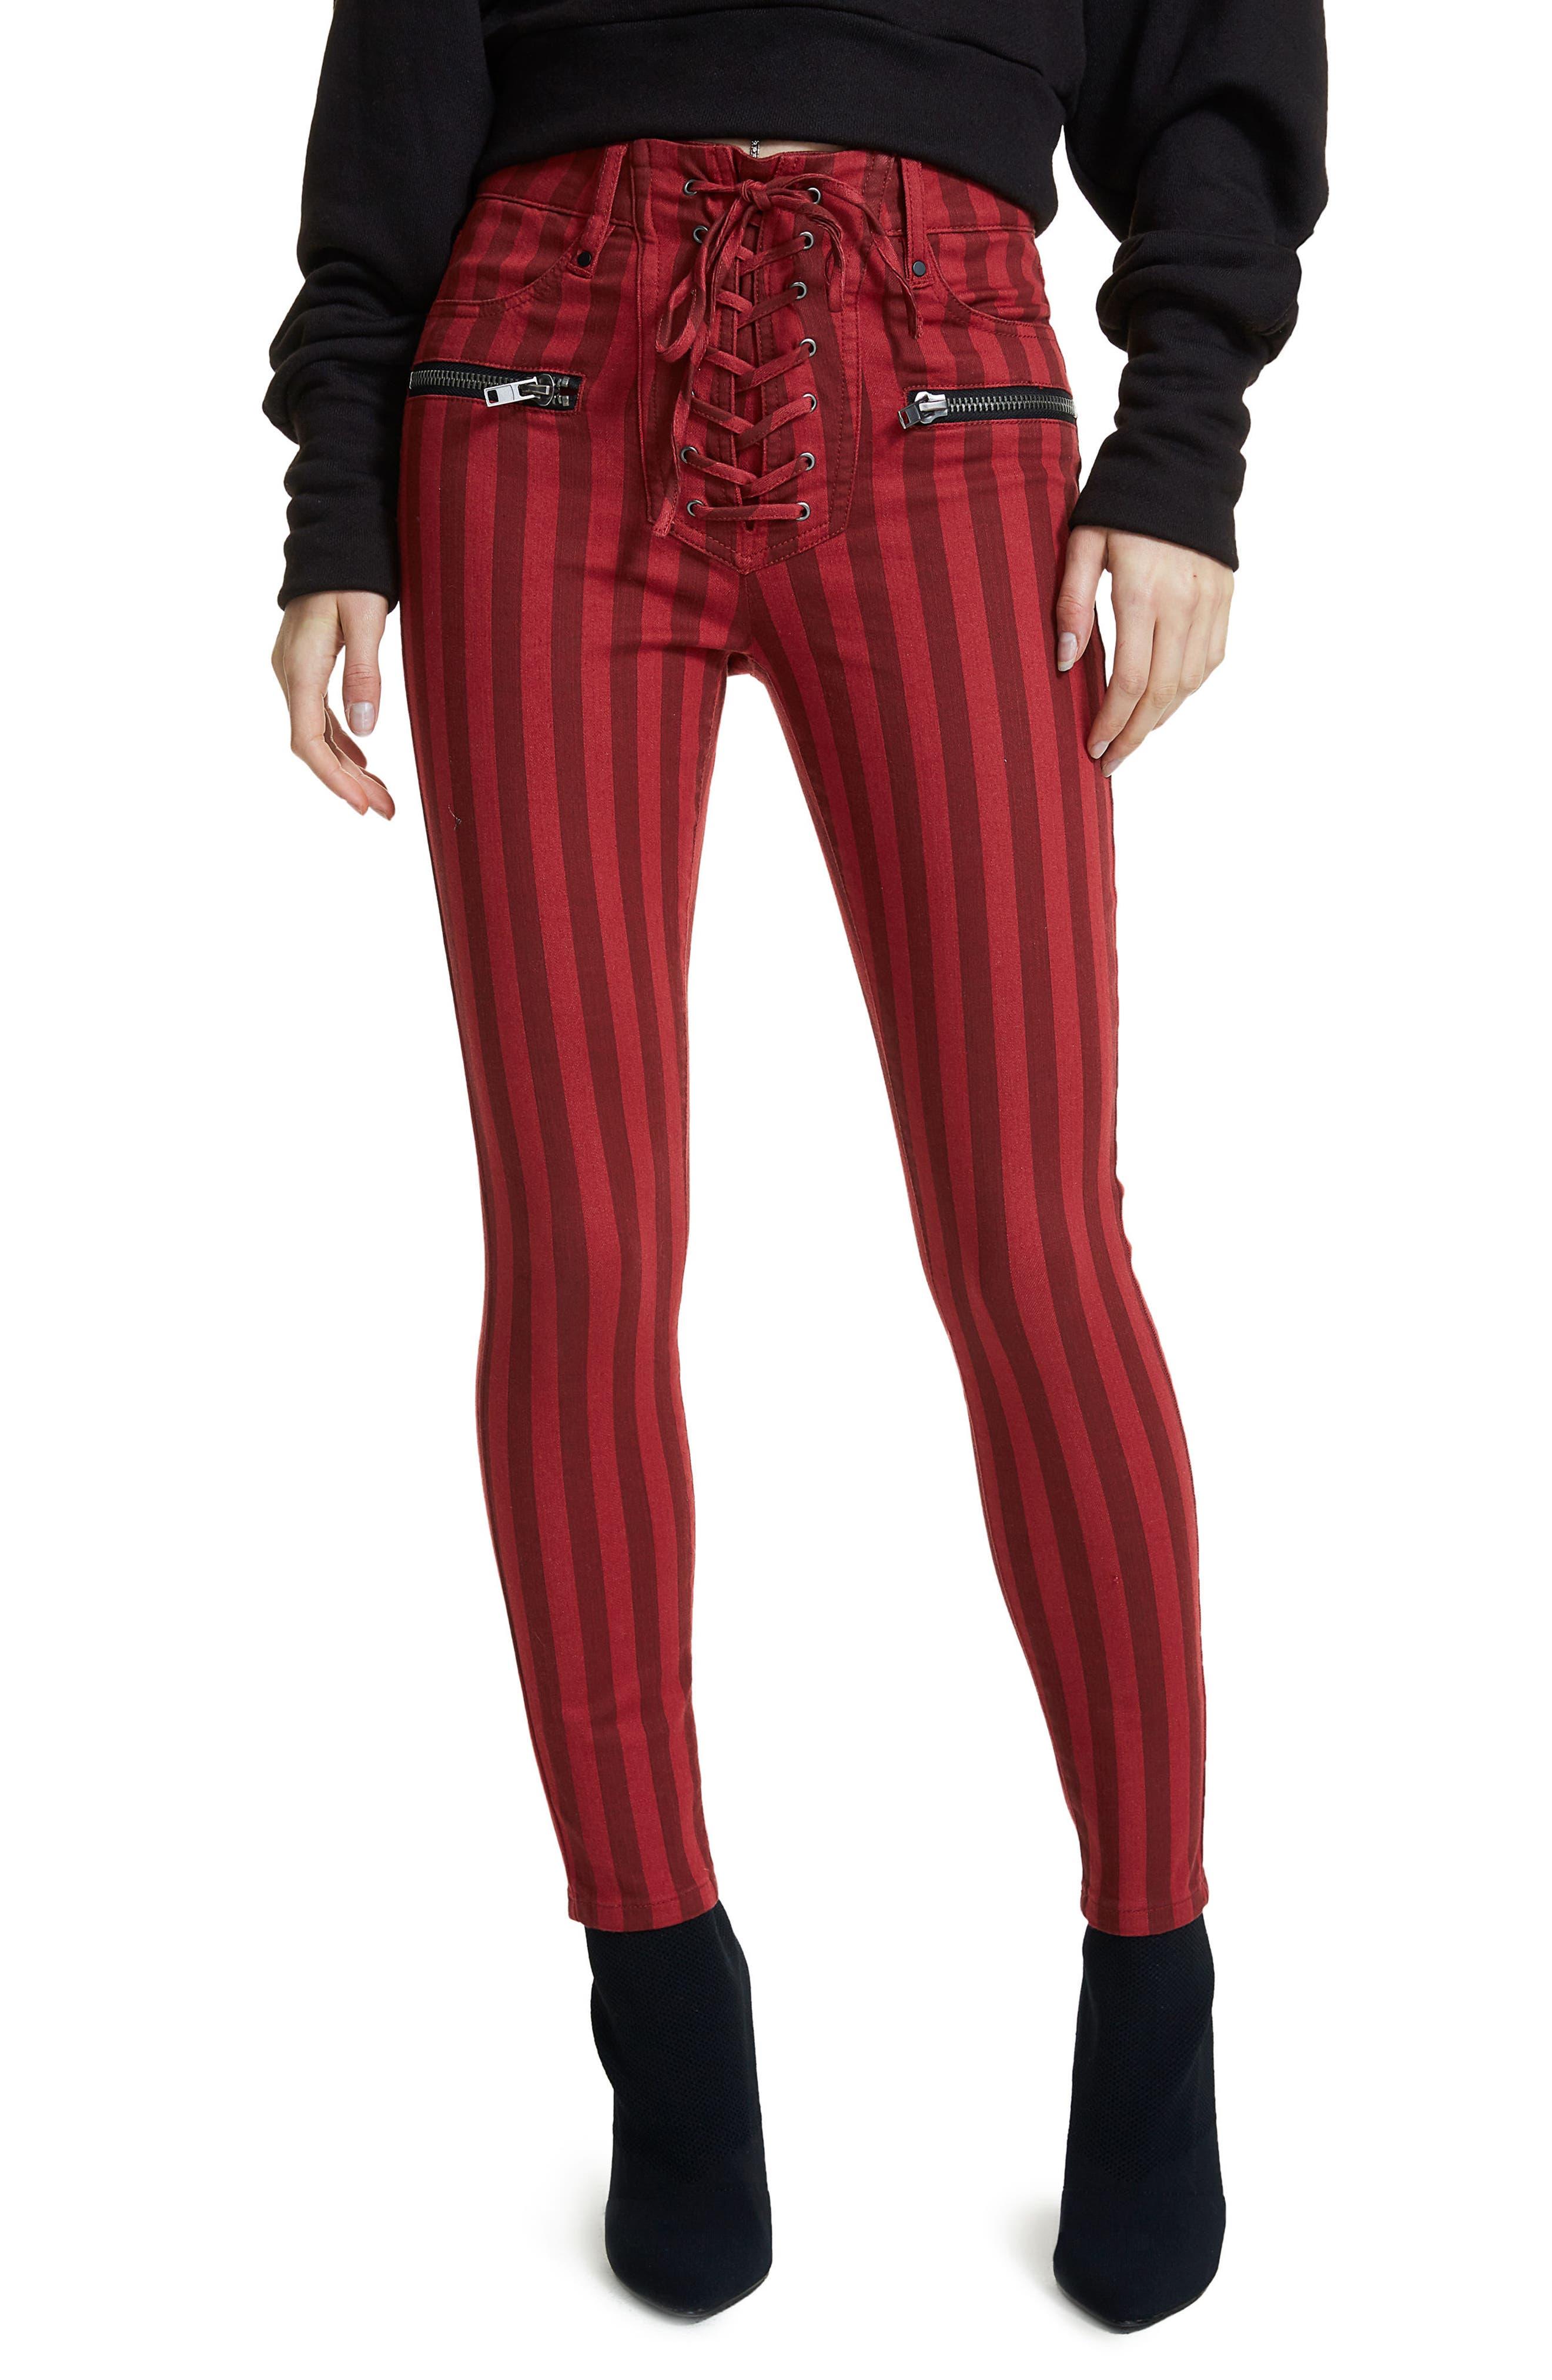 AFRM Alden Lace-Up Skinny Jeans